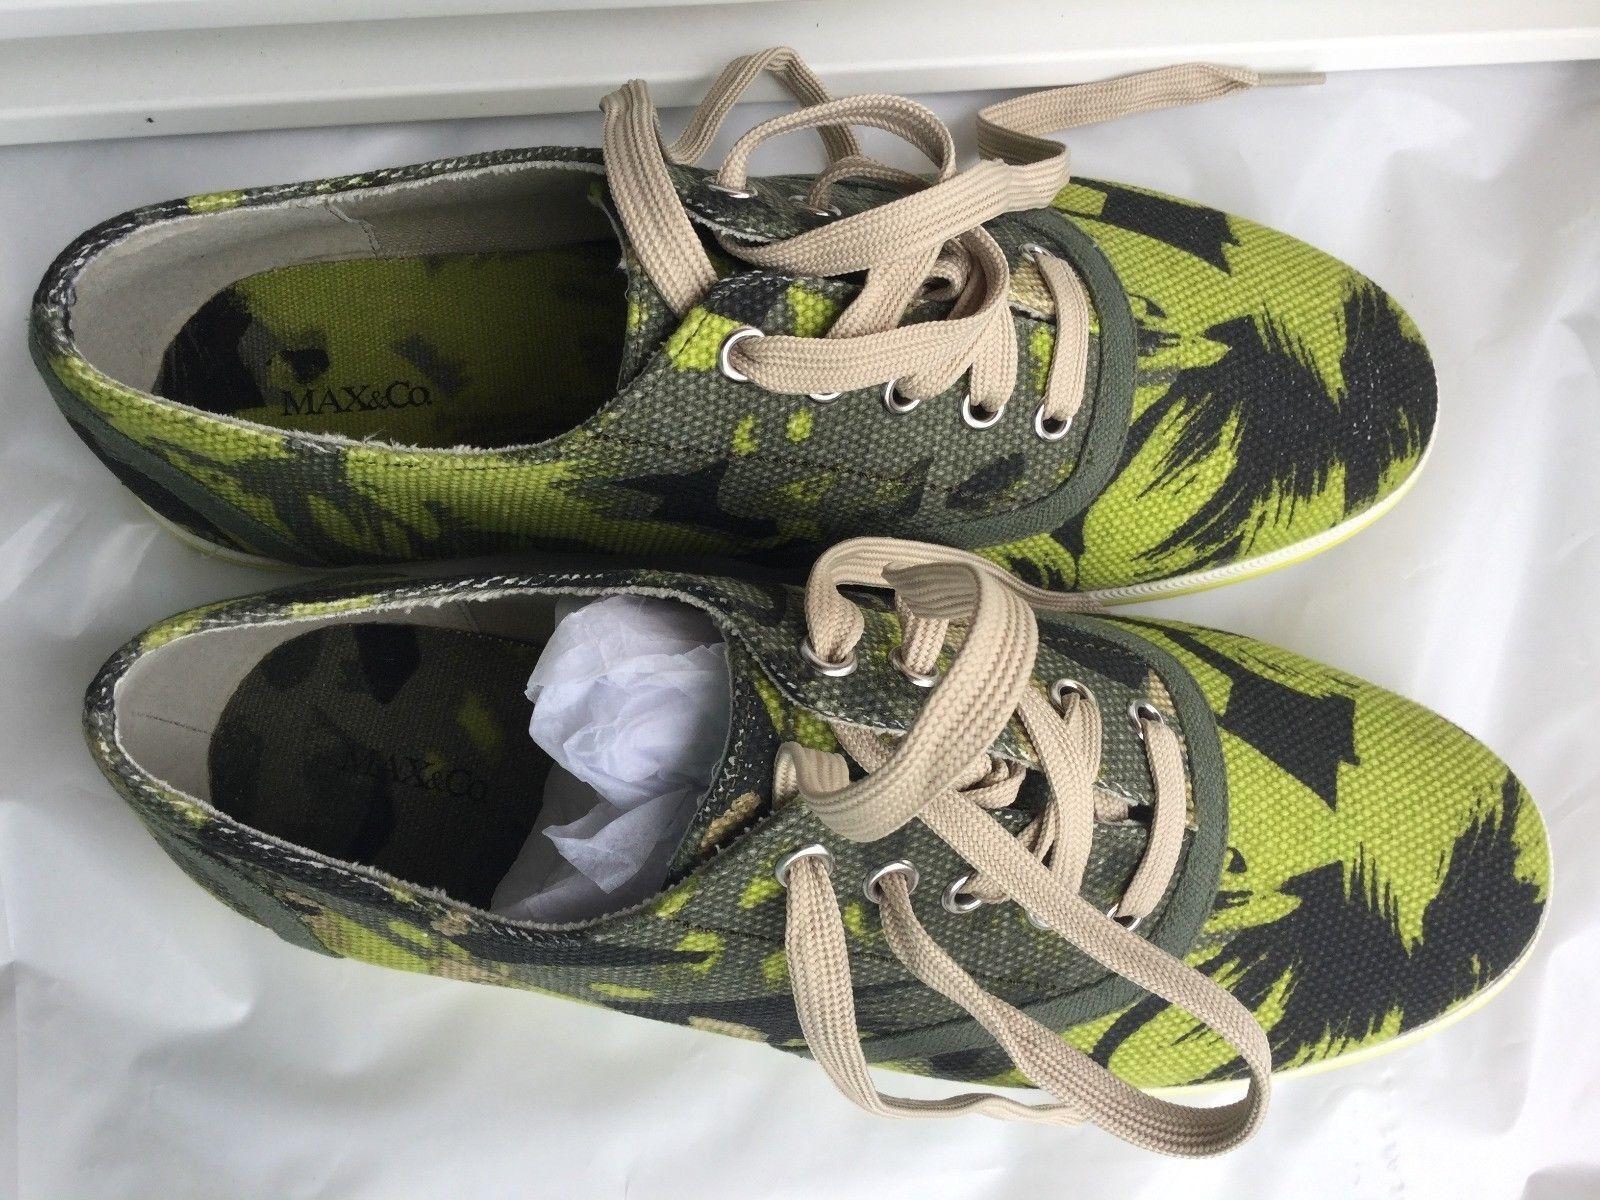 MAX&Co. scarpe Woman verde fantasy Coloreee, Dimensione  41  Scarpe Donna fantasia verde